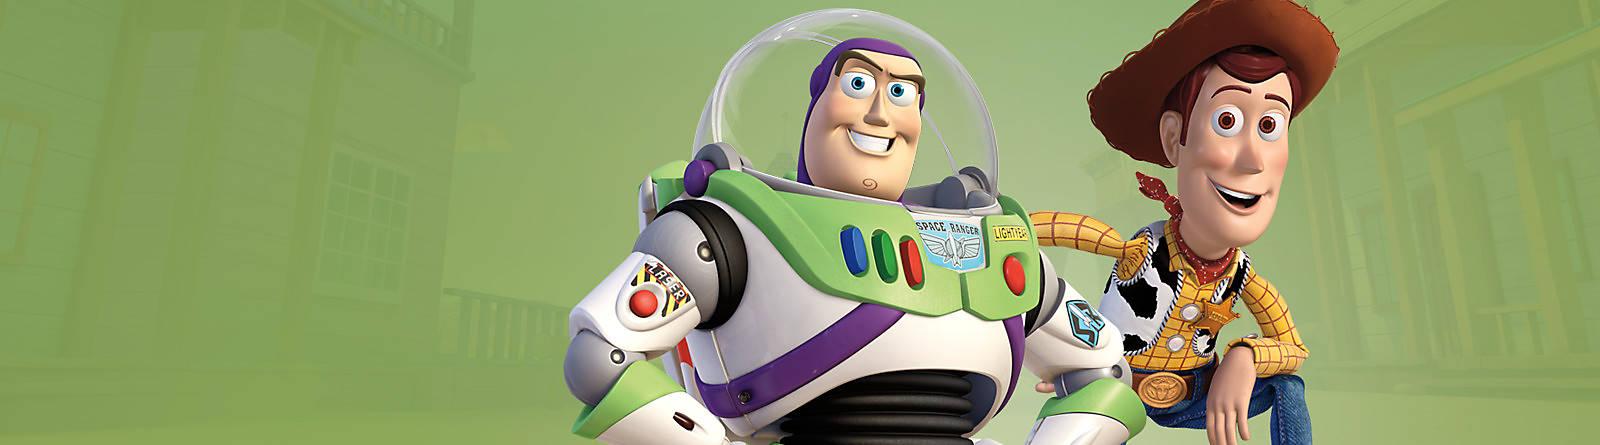 Productos de los personajes de  Toy Story  - Shop Disney 3decf095437